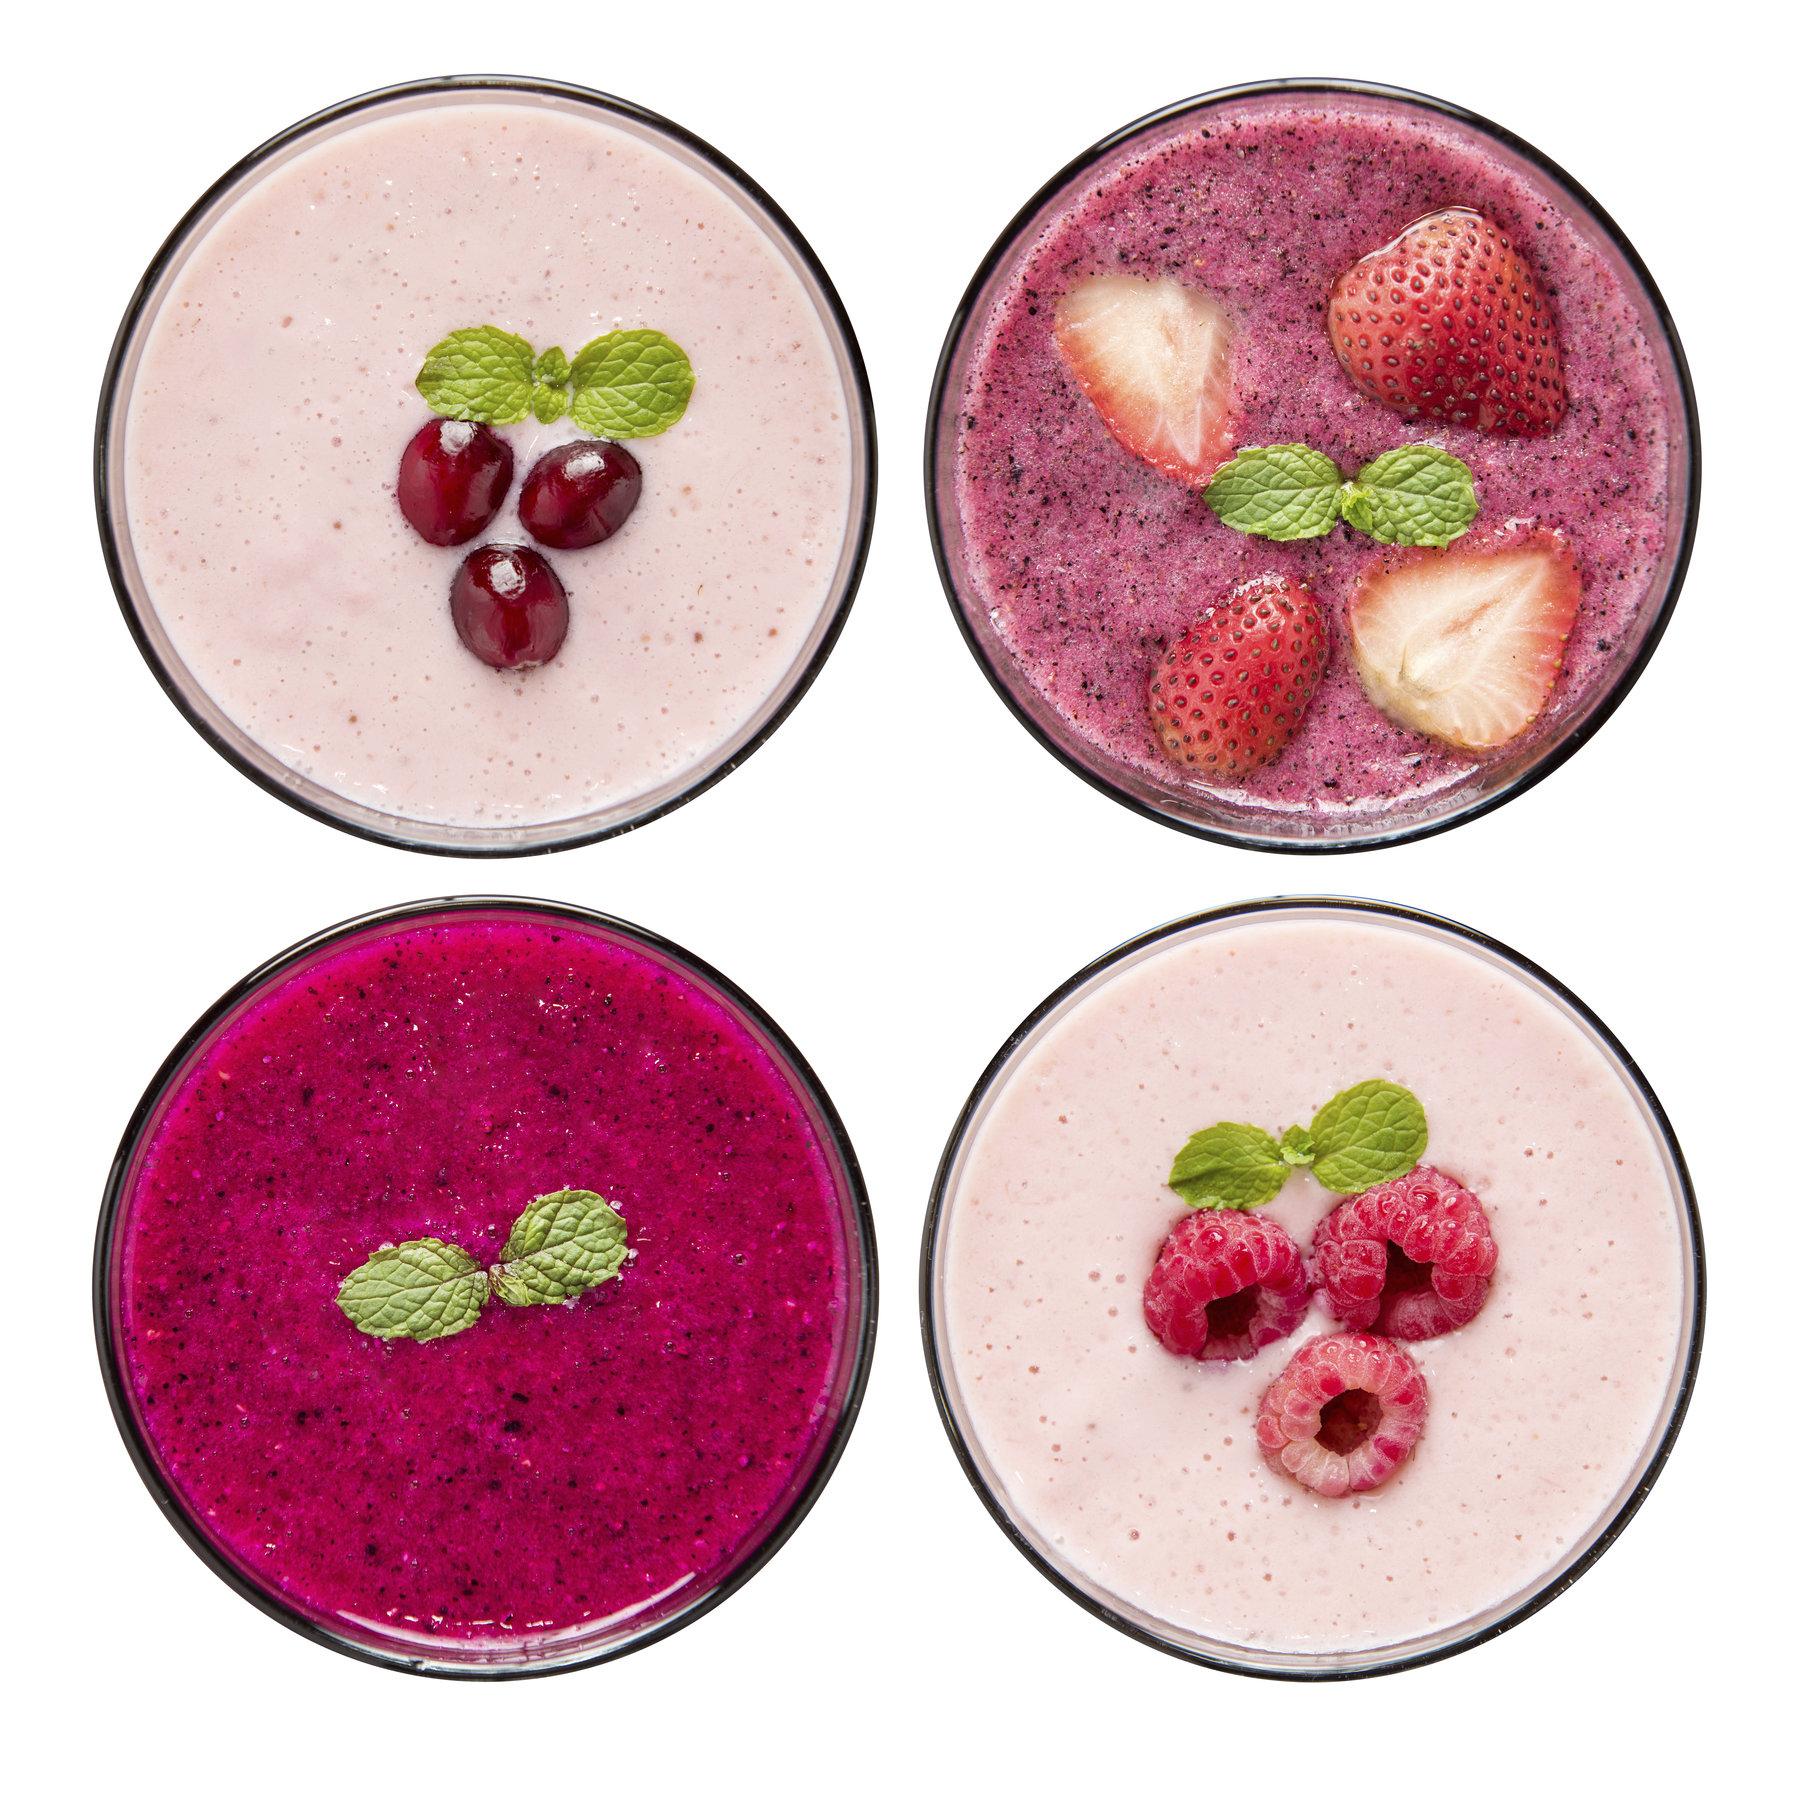 Best Slushy Recipes - Image Source iStock